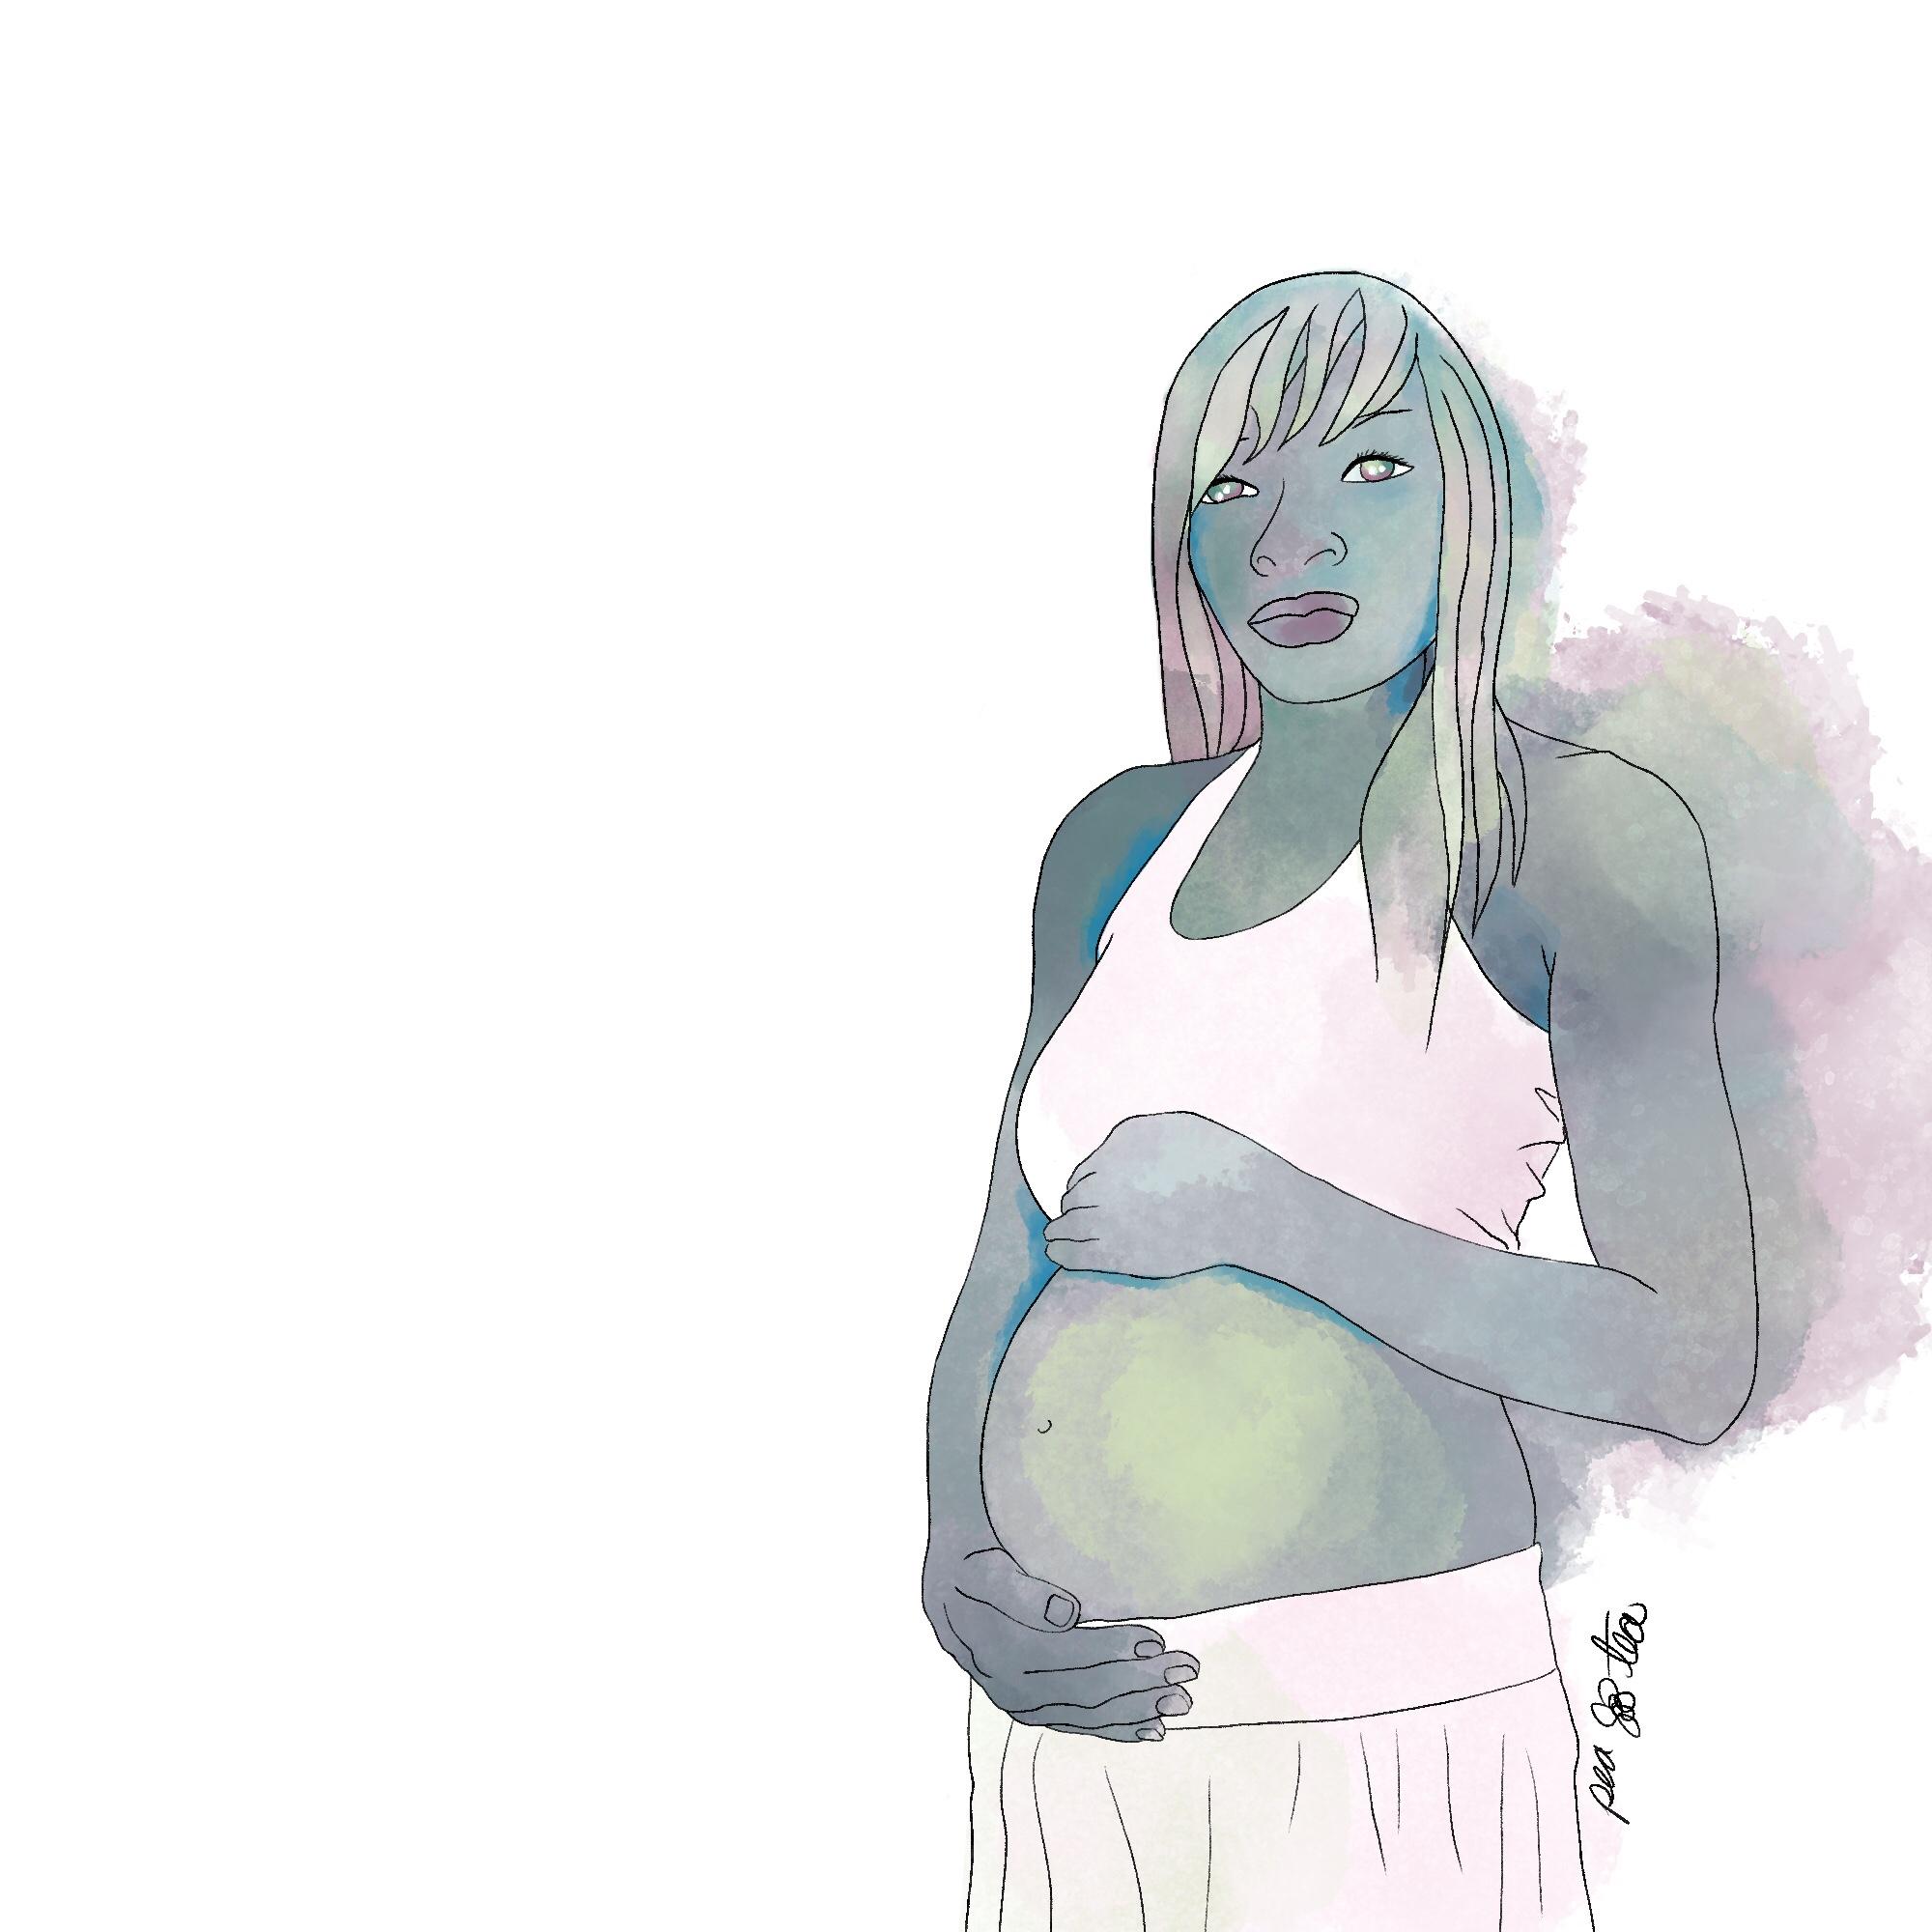 Watercolor painting of BCharleena Lyles rendered in teals, greens, pinks.